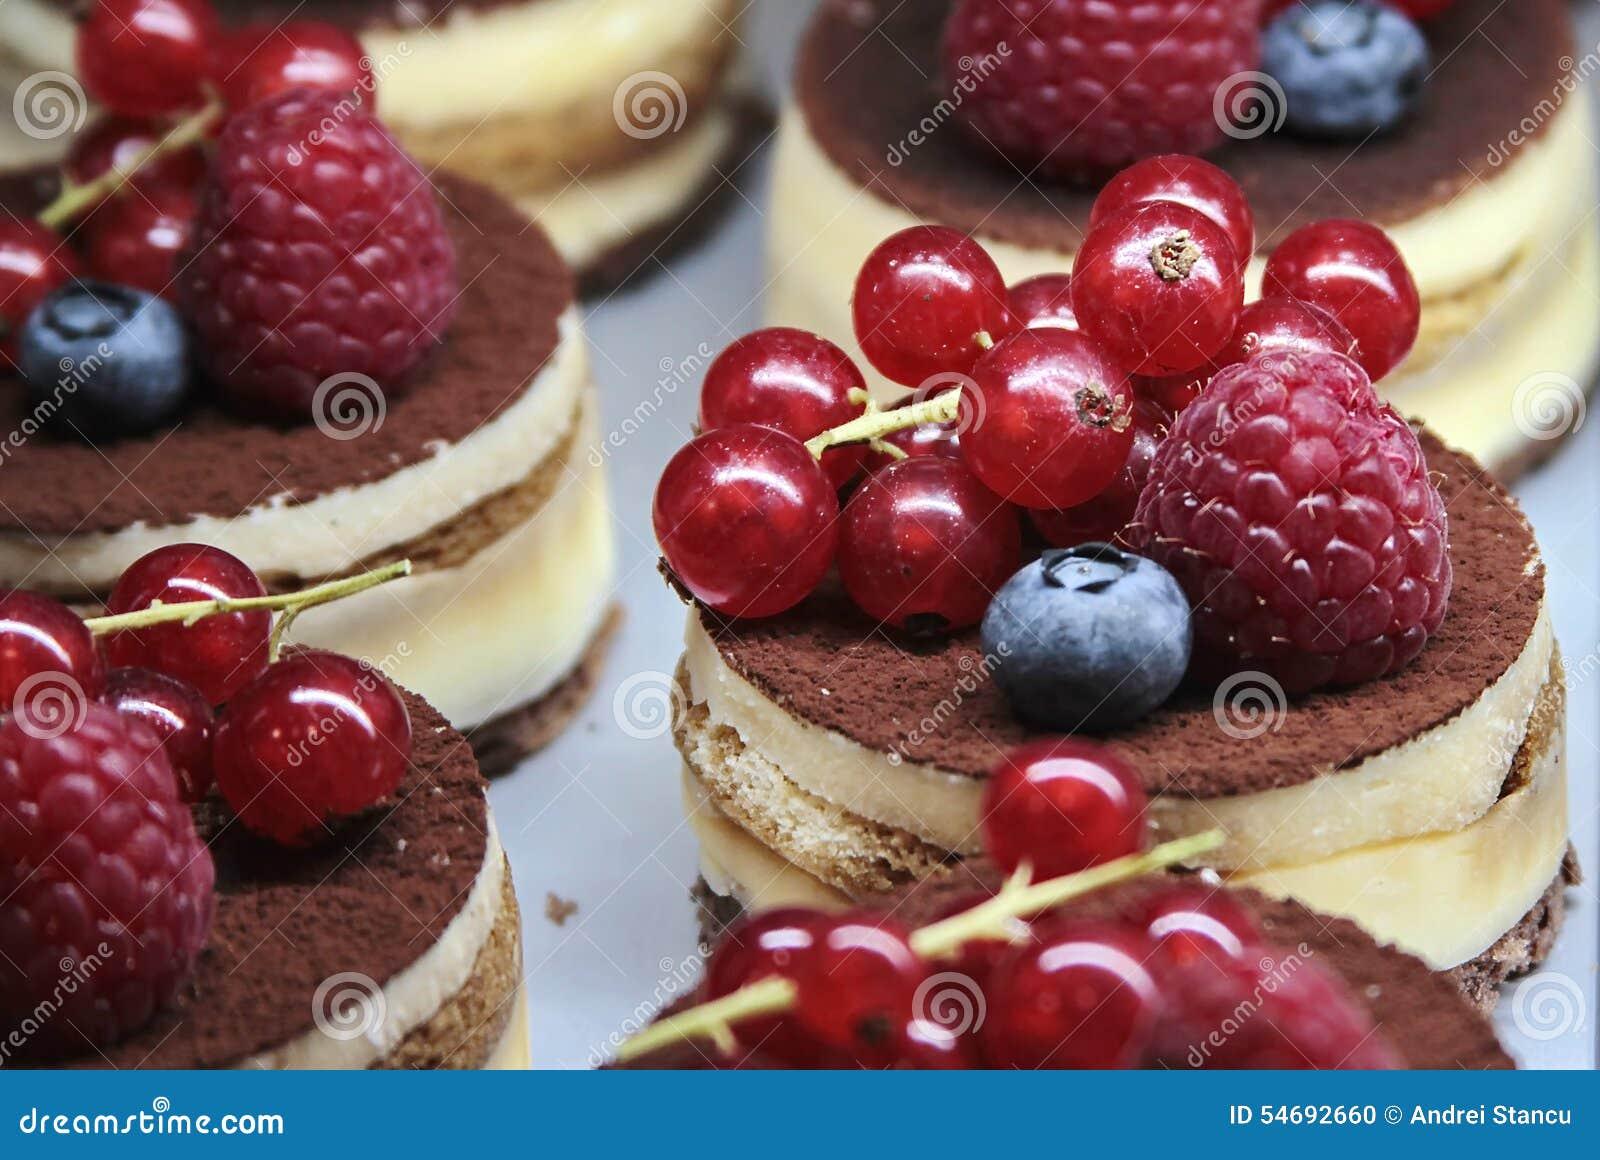 与奶油和莓果的蛋糕